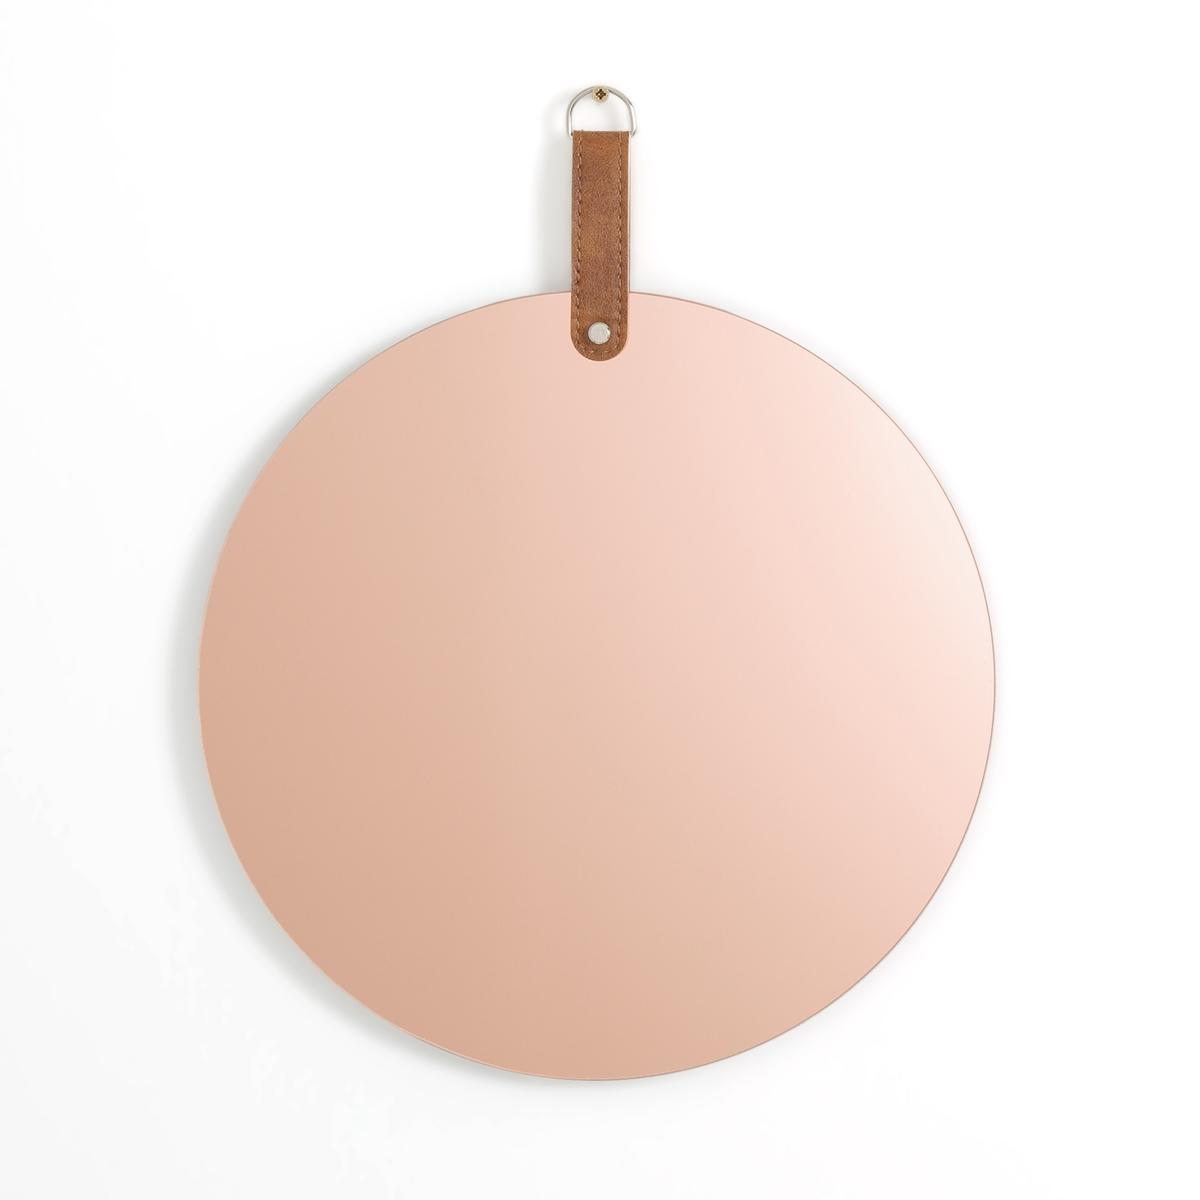 Зеркало круглое дымчатое DAREN sibel зеркало парикмахерское белое круглое 22 см